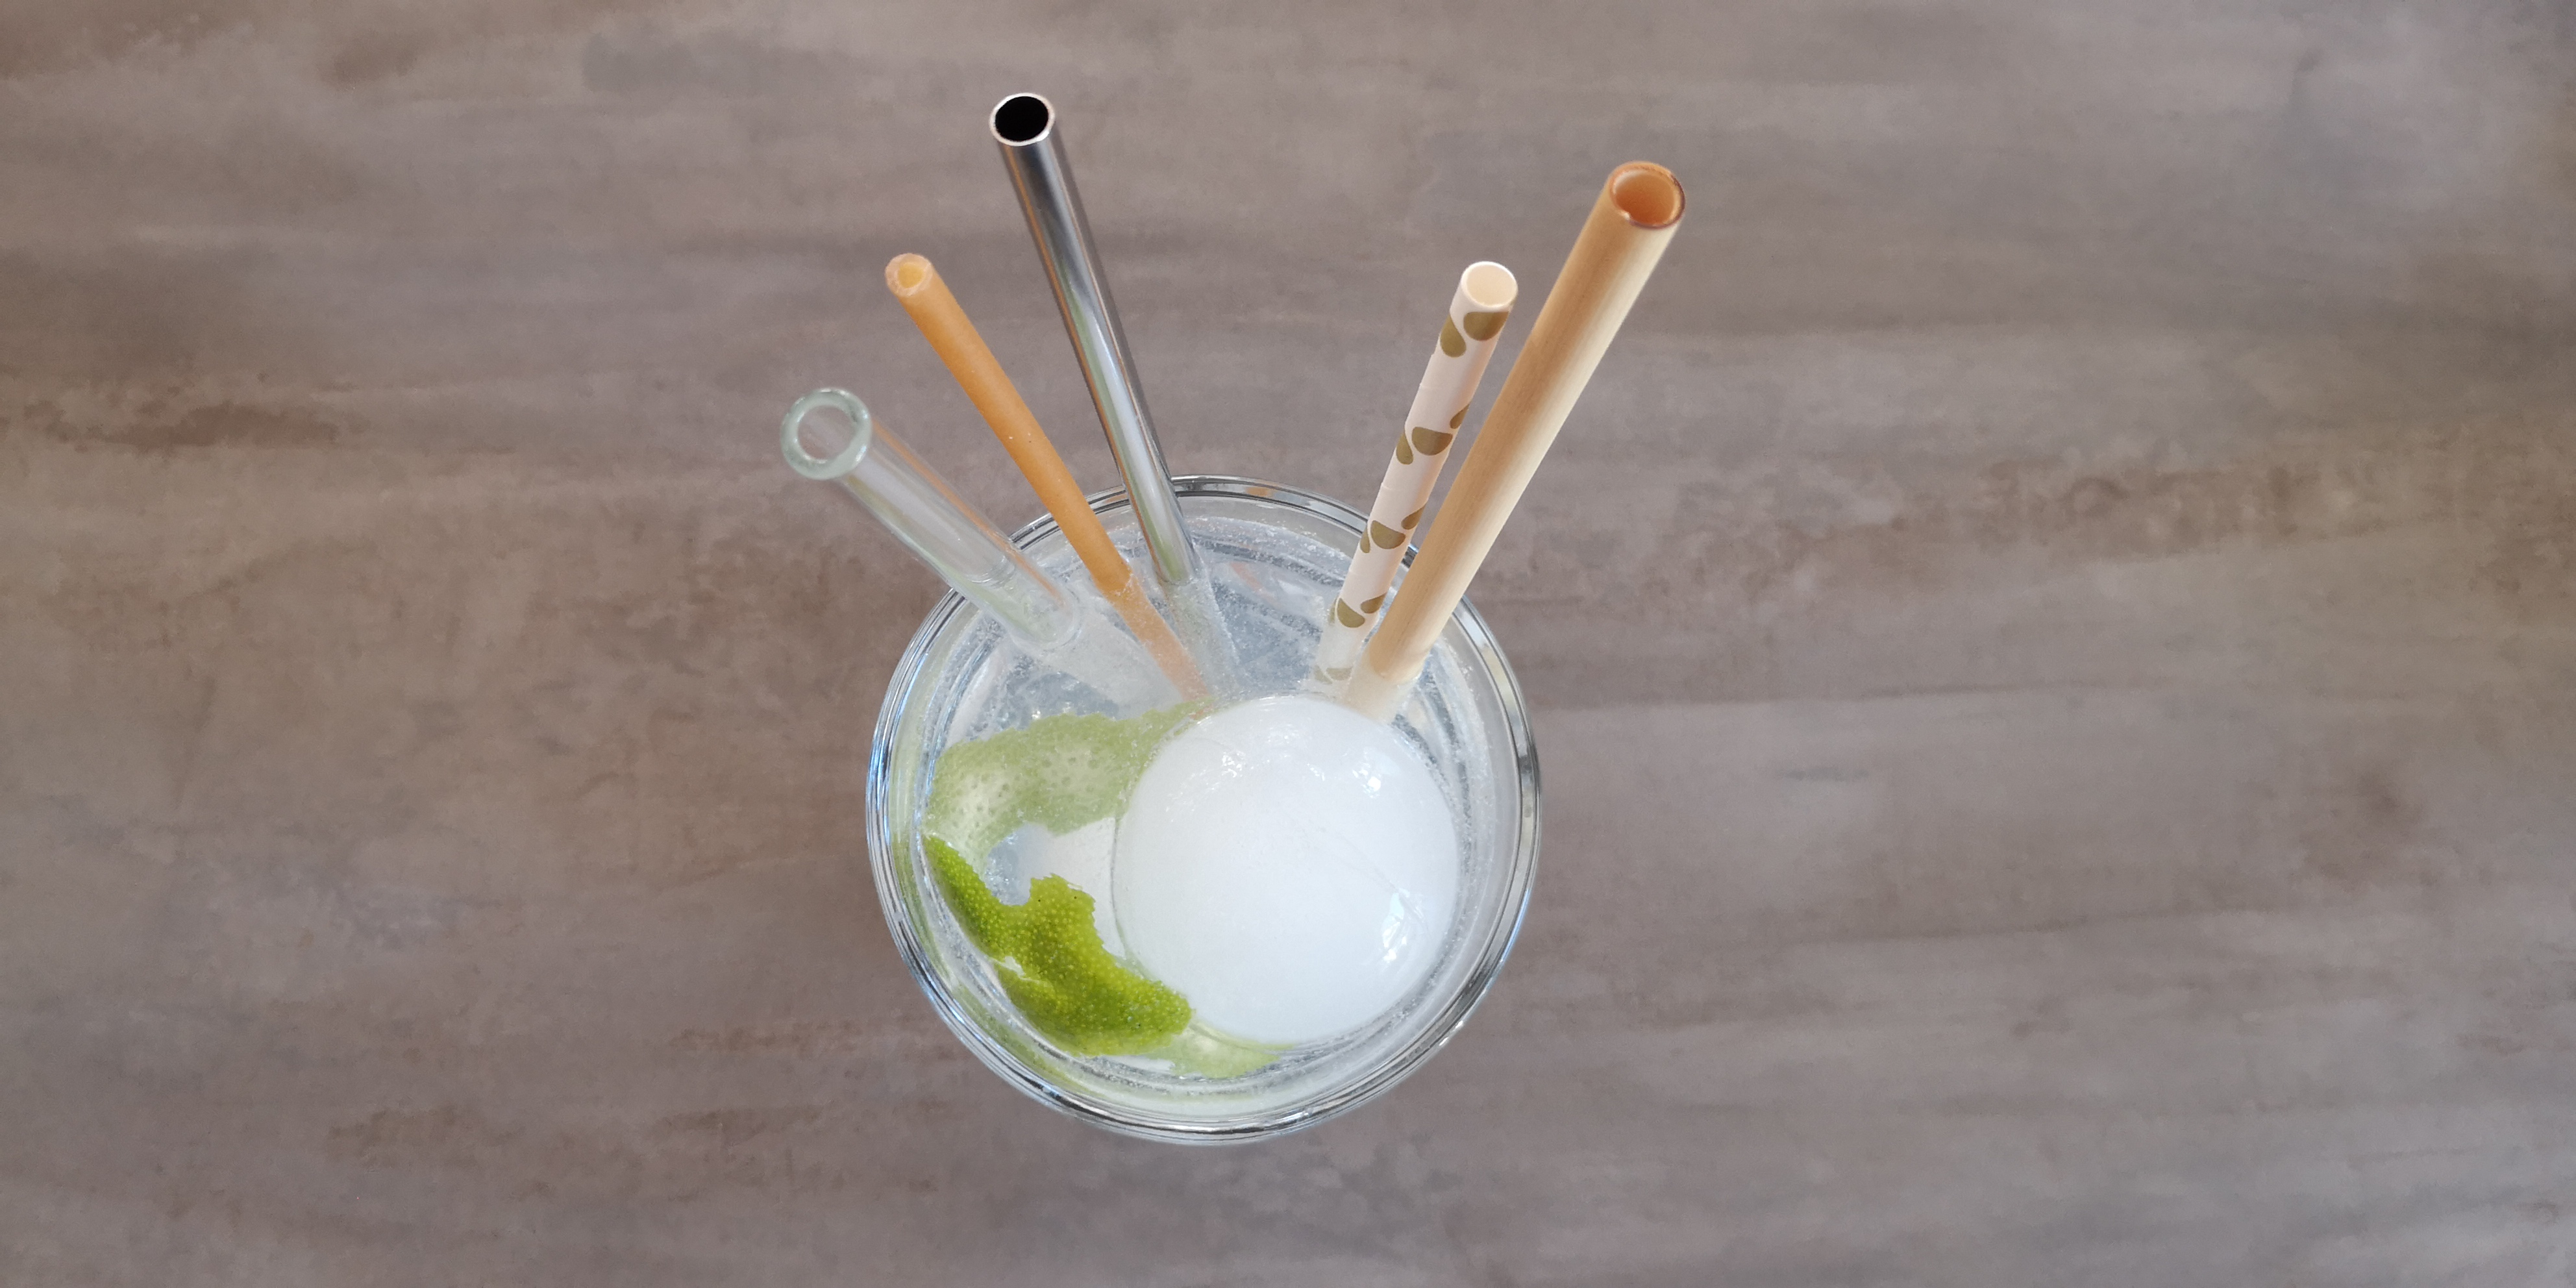 Die alternativen Trinkhalme im Test: Glas, Nudel, Edelstahl, Papier und Bambus